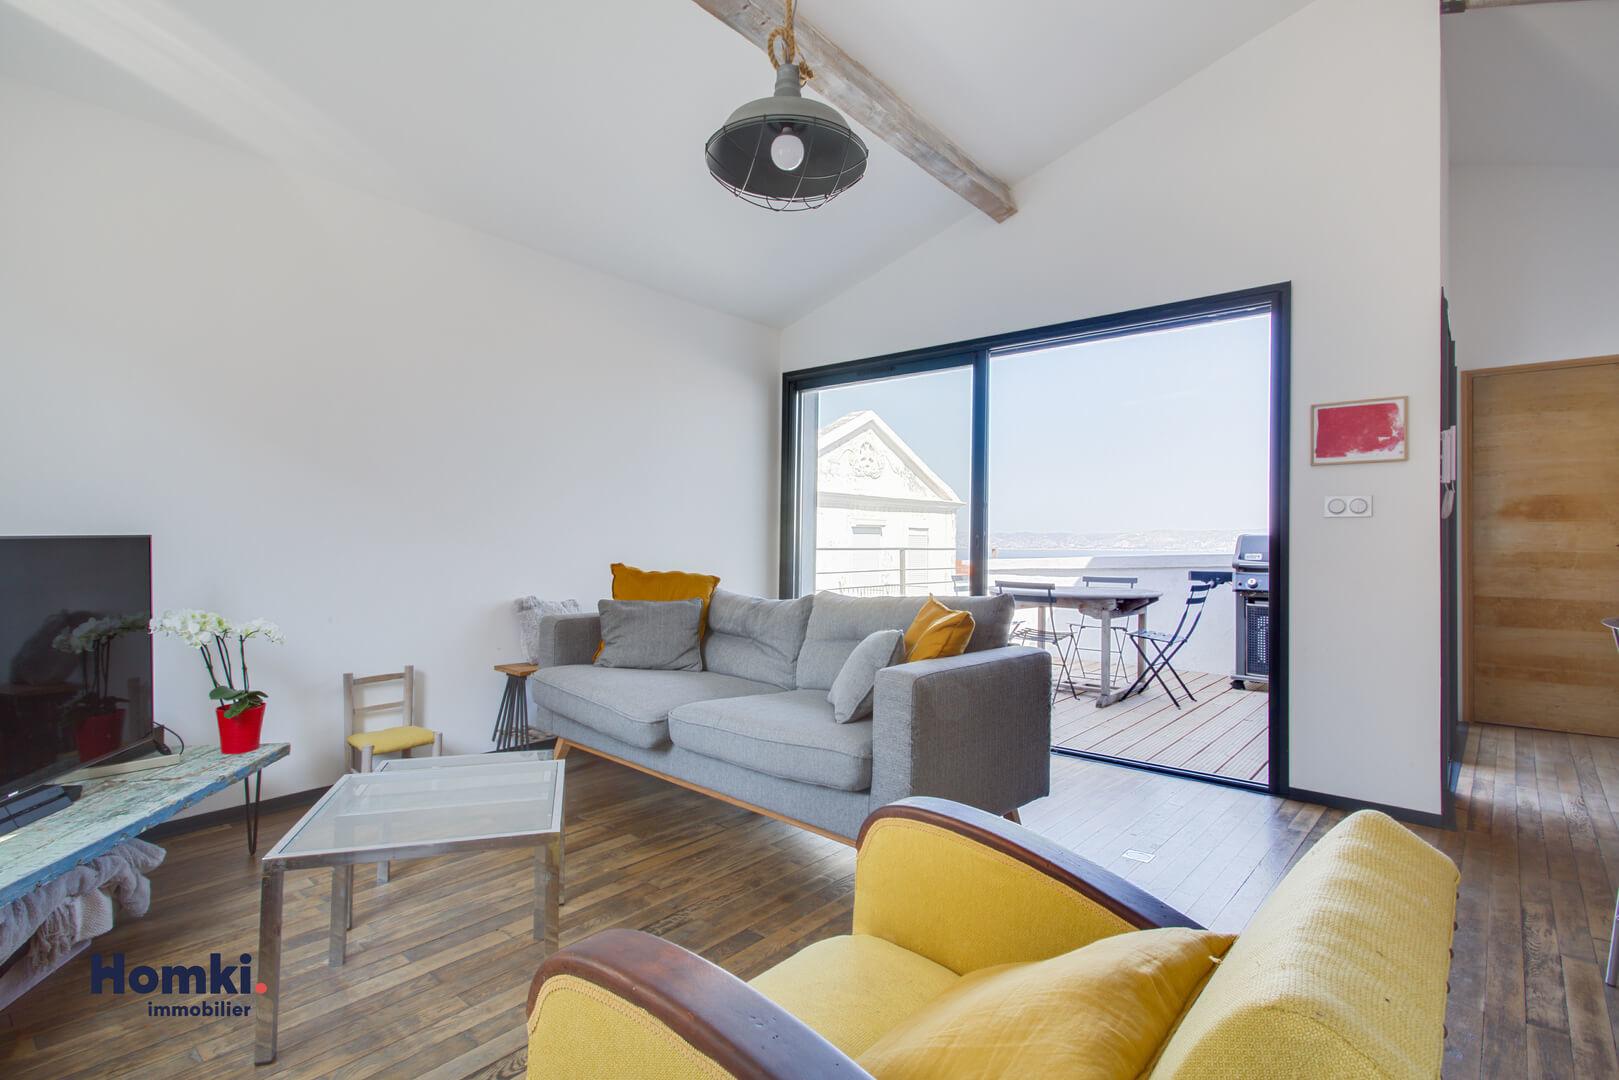 Vente maison 100 m² T4 13007_4